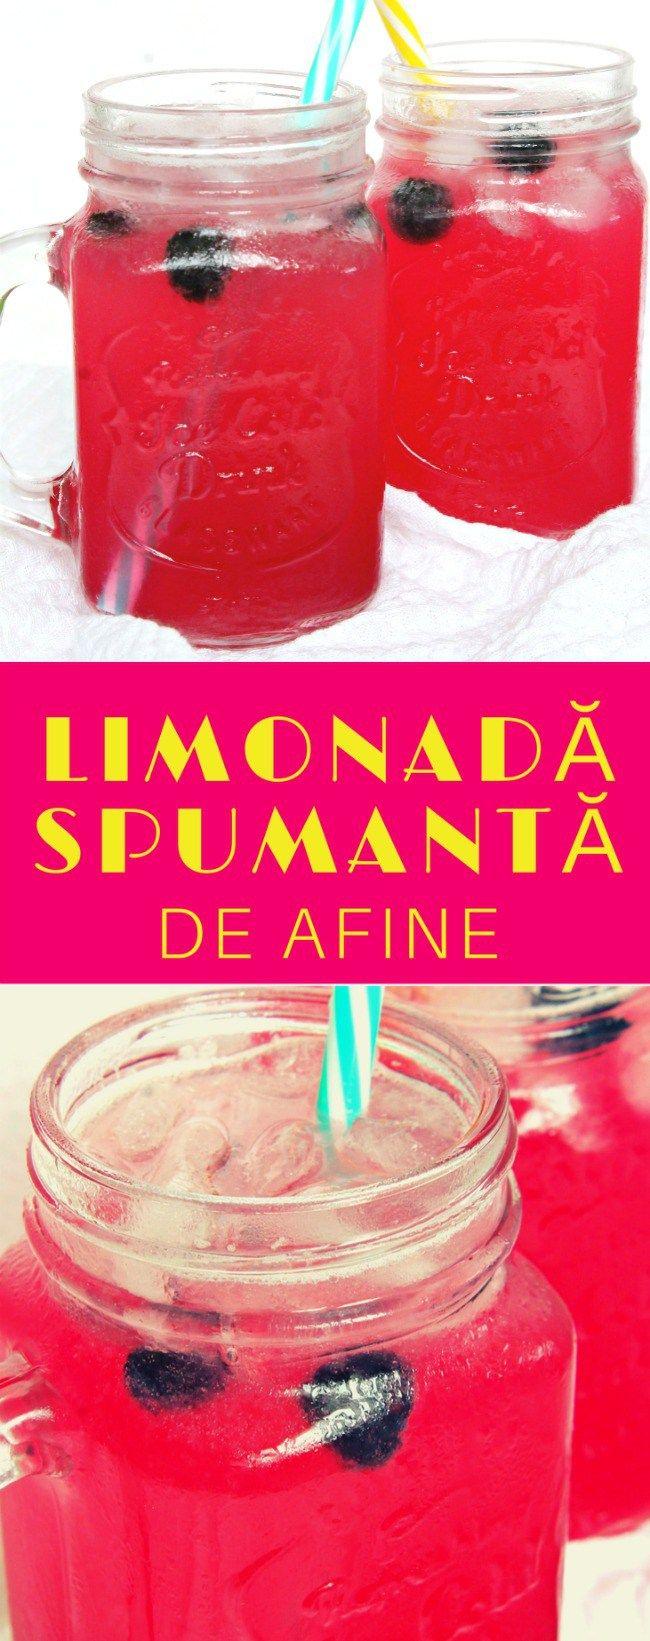 LIMONADA SPUMANTA DE AFINE - Există o modalitate mai bună de a te răcori în această vară decât această delicioasă, revigorantă limonada spumanta de afine?